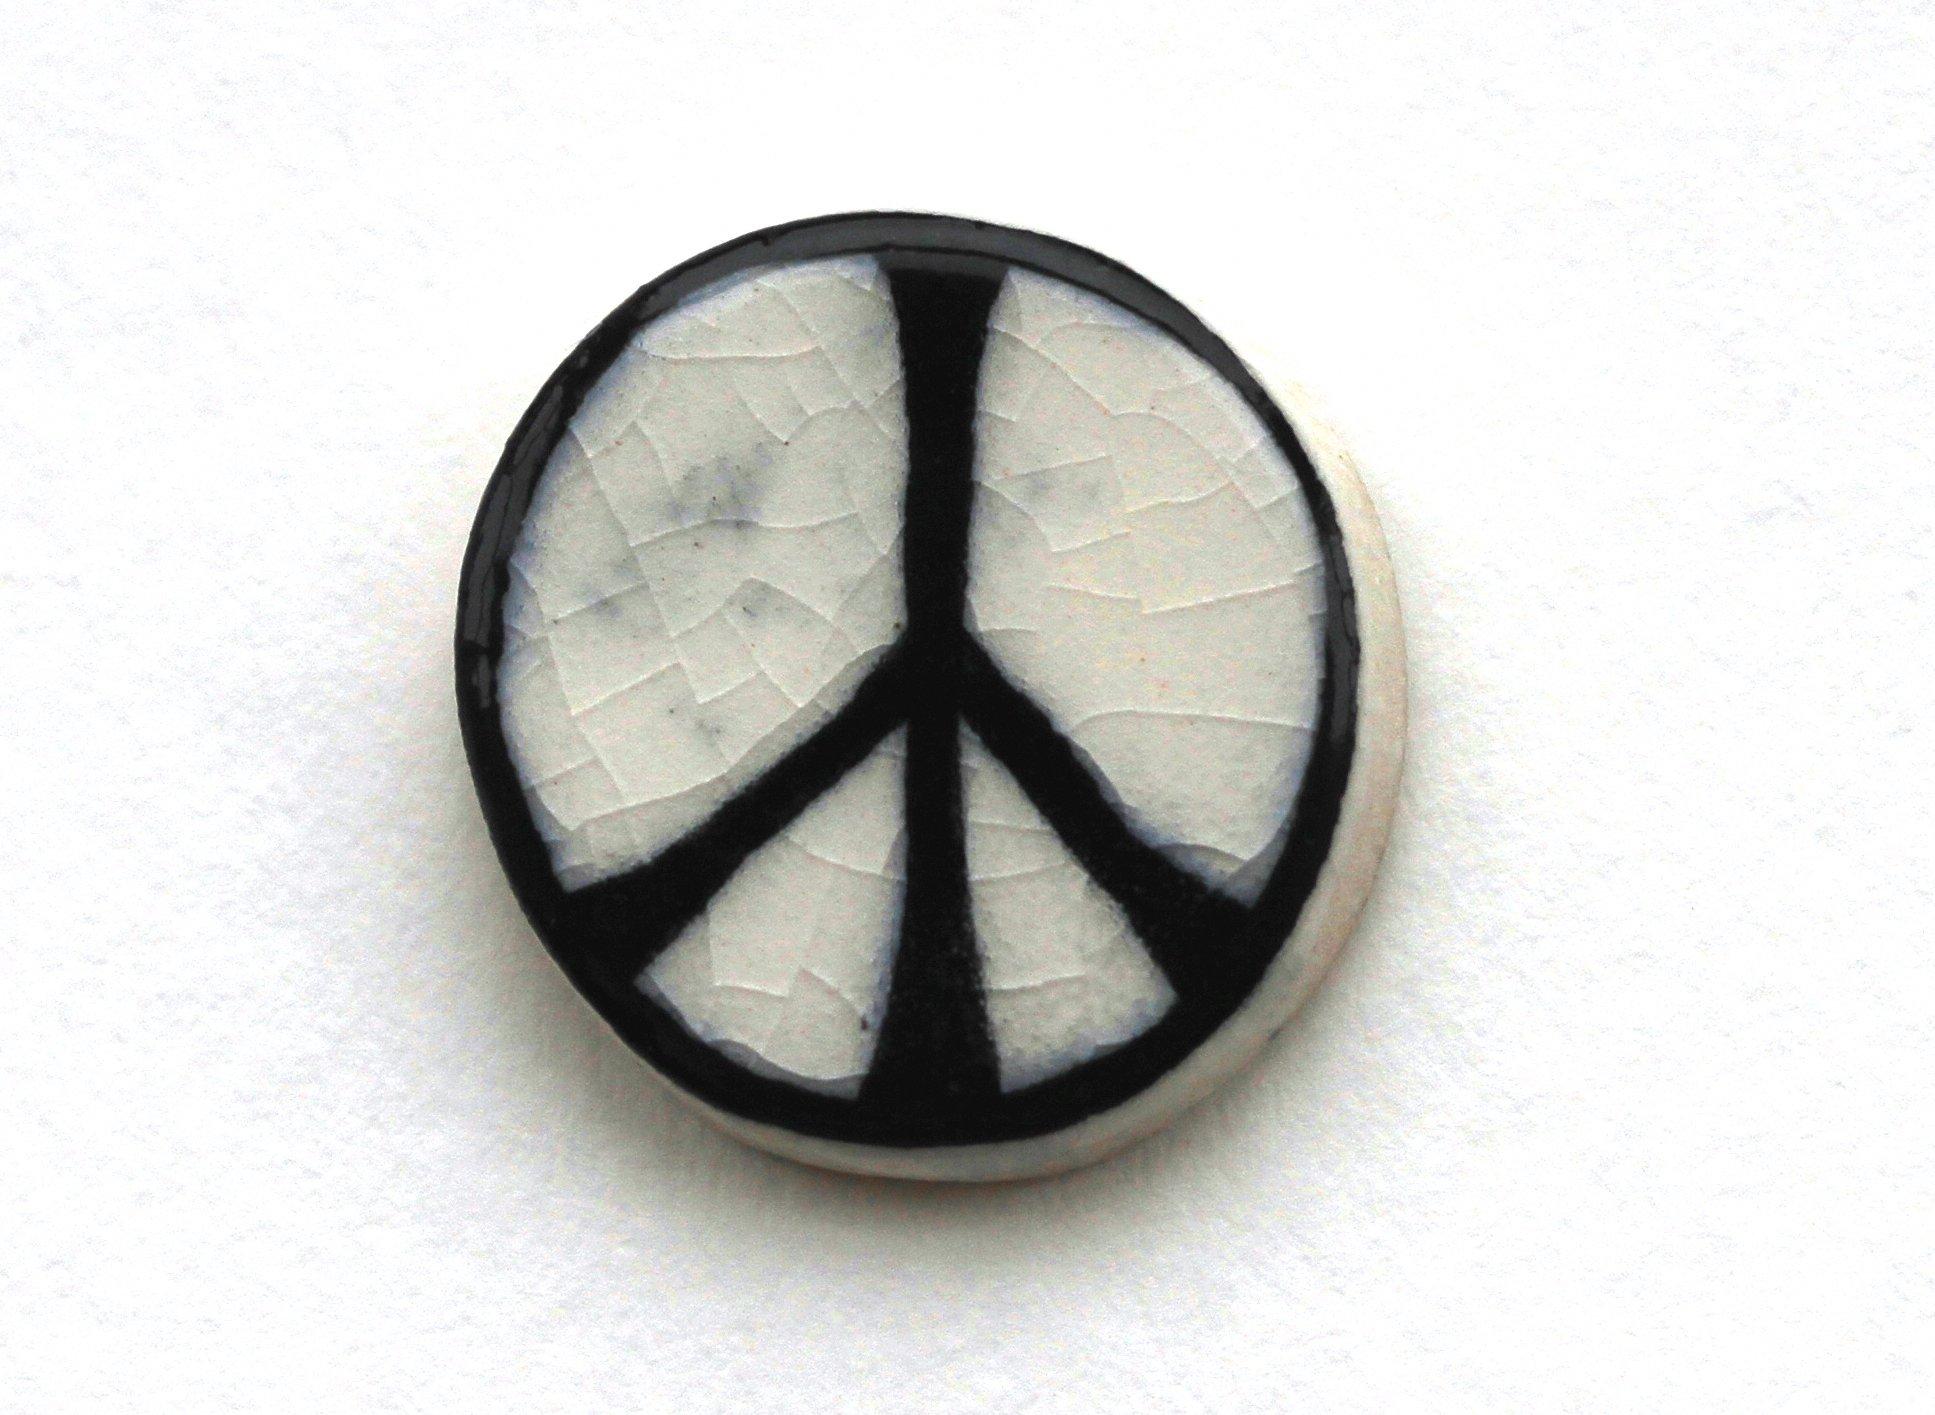 An original CND ceramic badge via http://www.cnduk.org/about/item/435-the-cnd-symbol